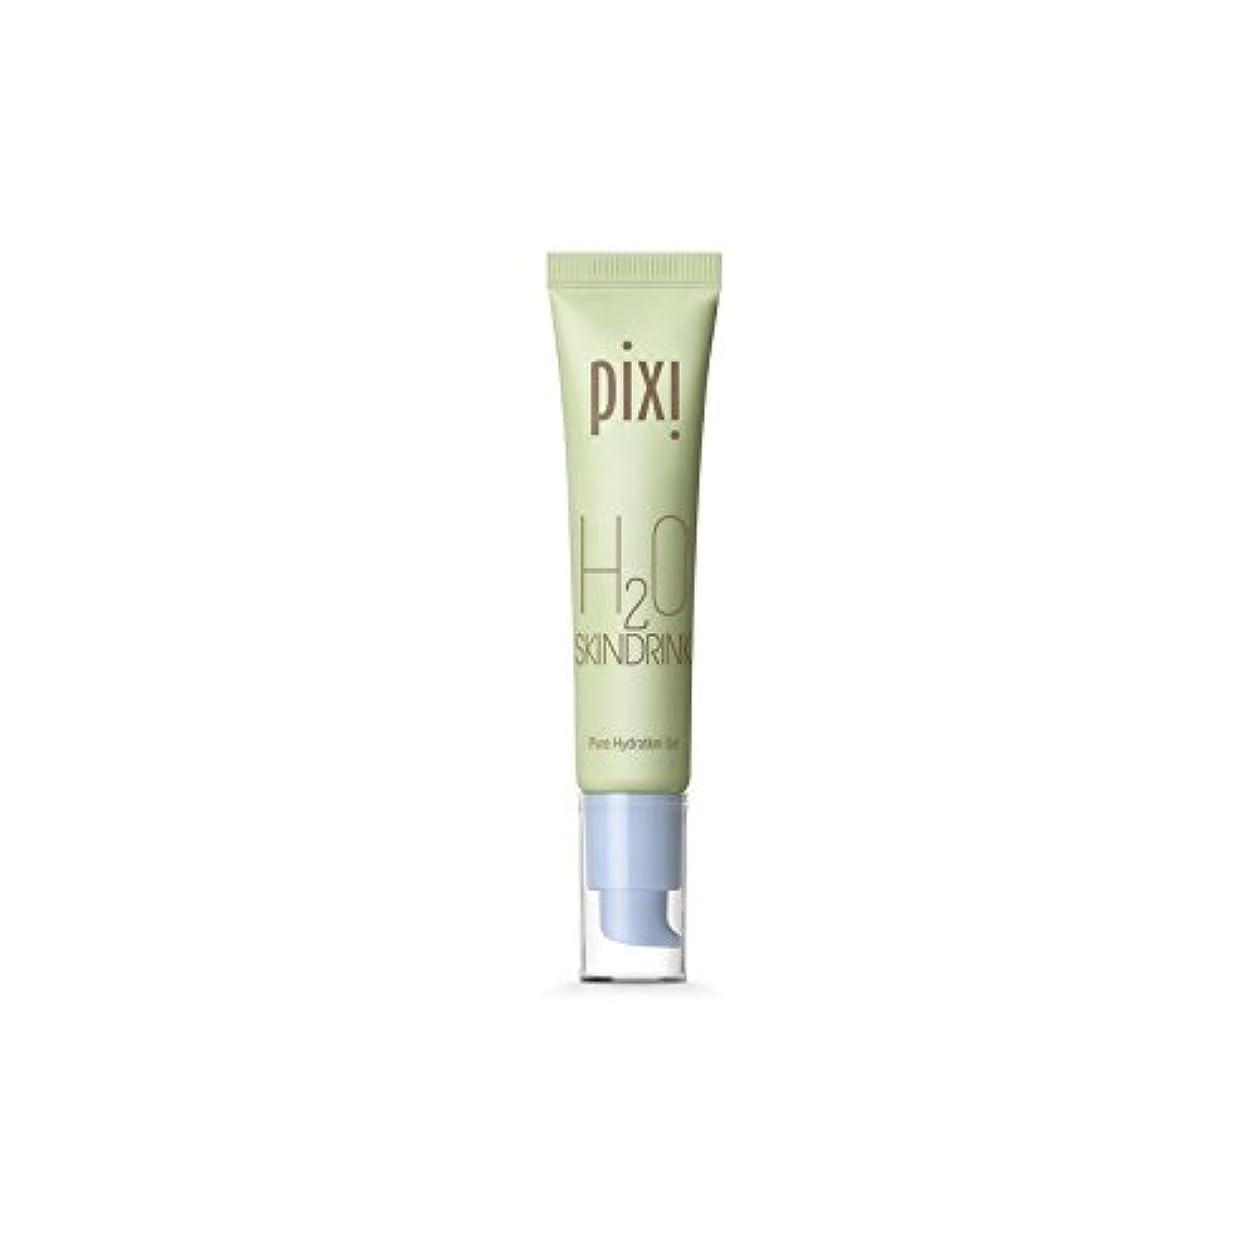 大騒ぎシェトランド諸島ニュージーランド20スキンドリンク x4 - Pixi H20 Skin Drink (Pack of 4) [並行輸入品]